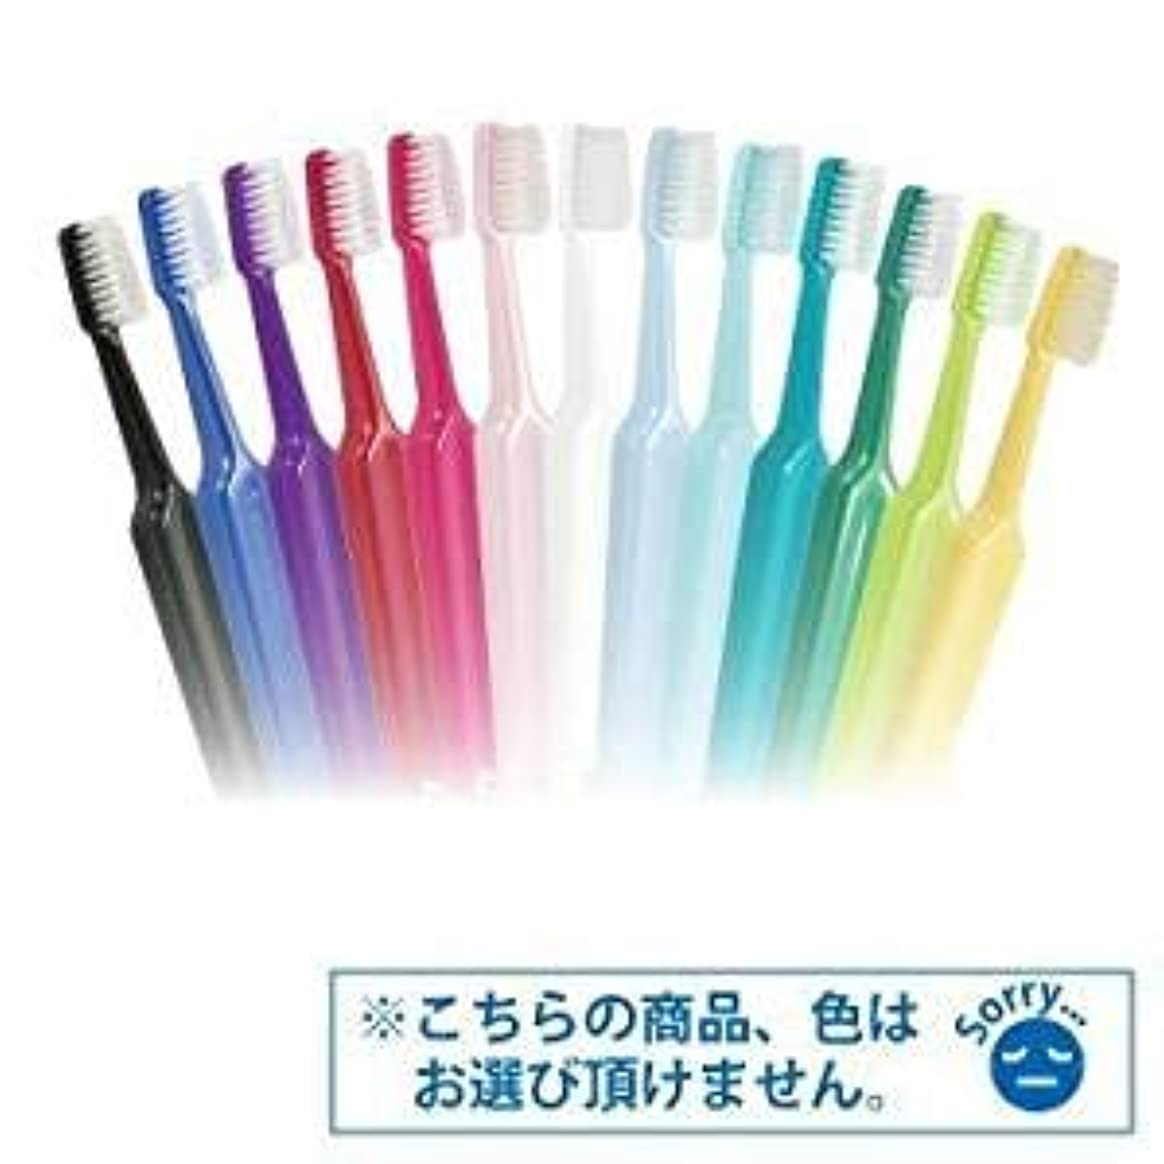 繁栄するあさり廊下Tepe歯ブラシ セレクトコンパクト /X-ソフト 10本入り